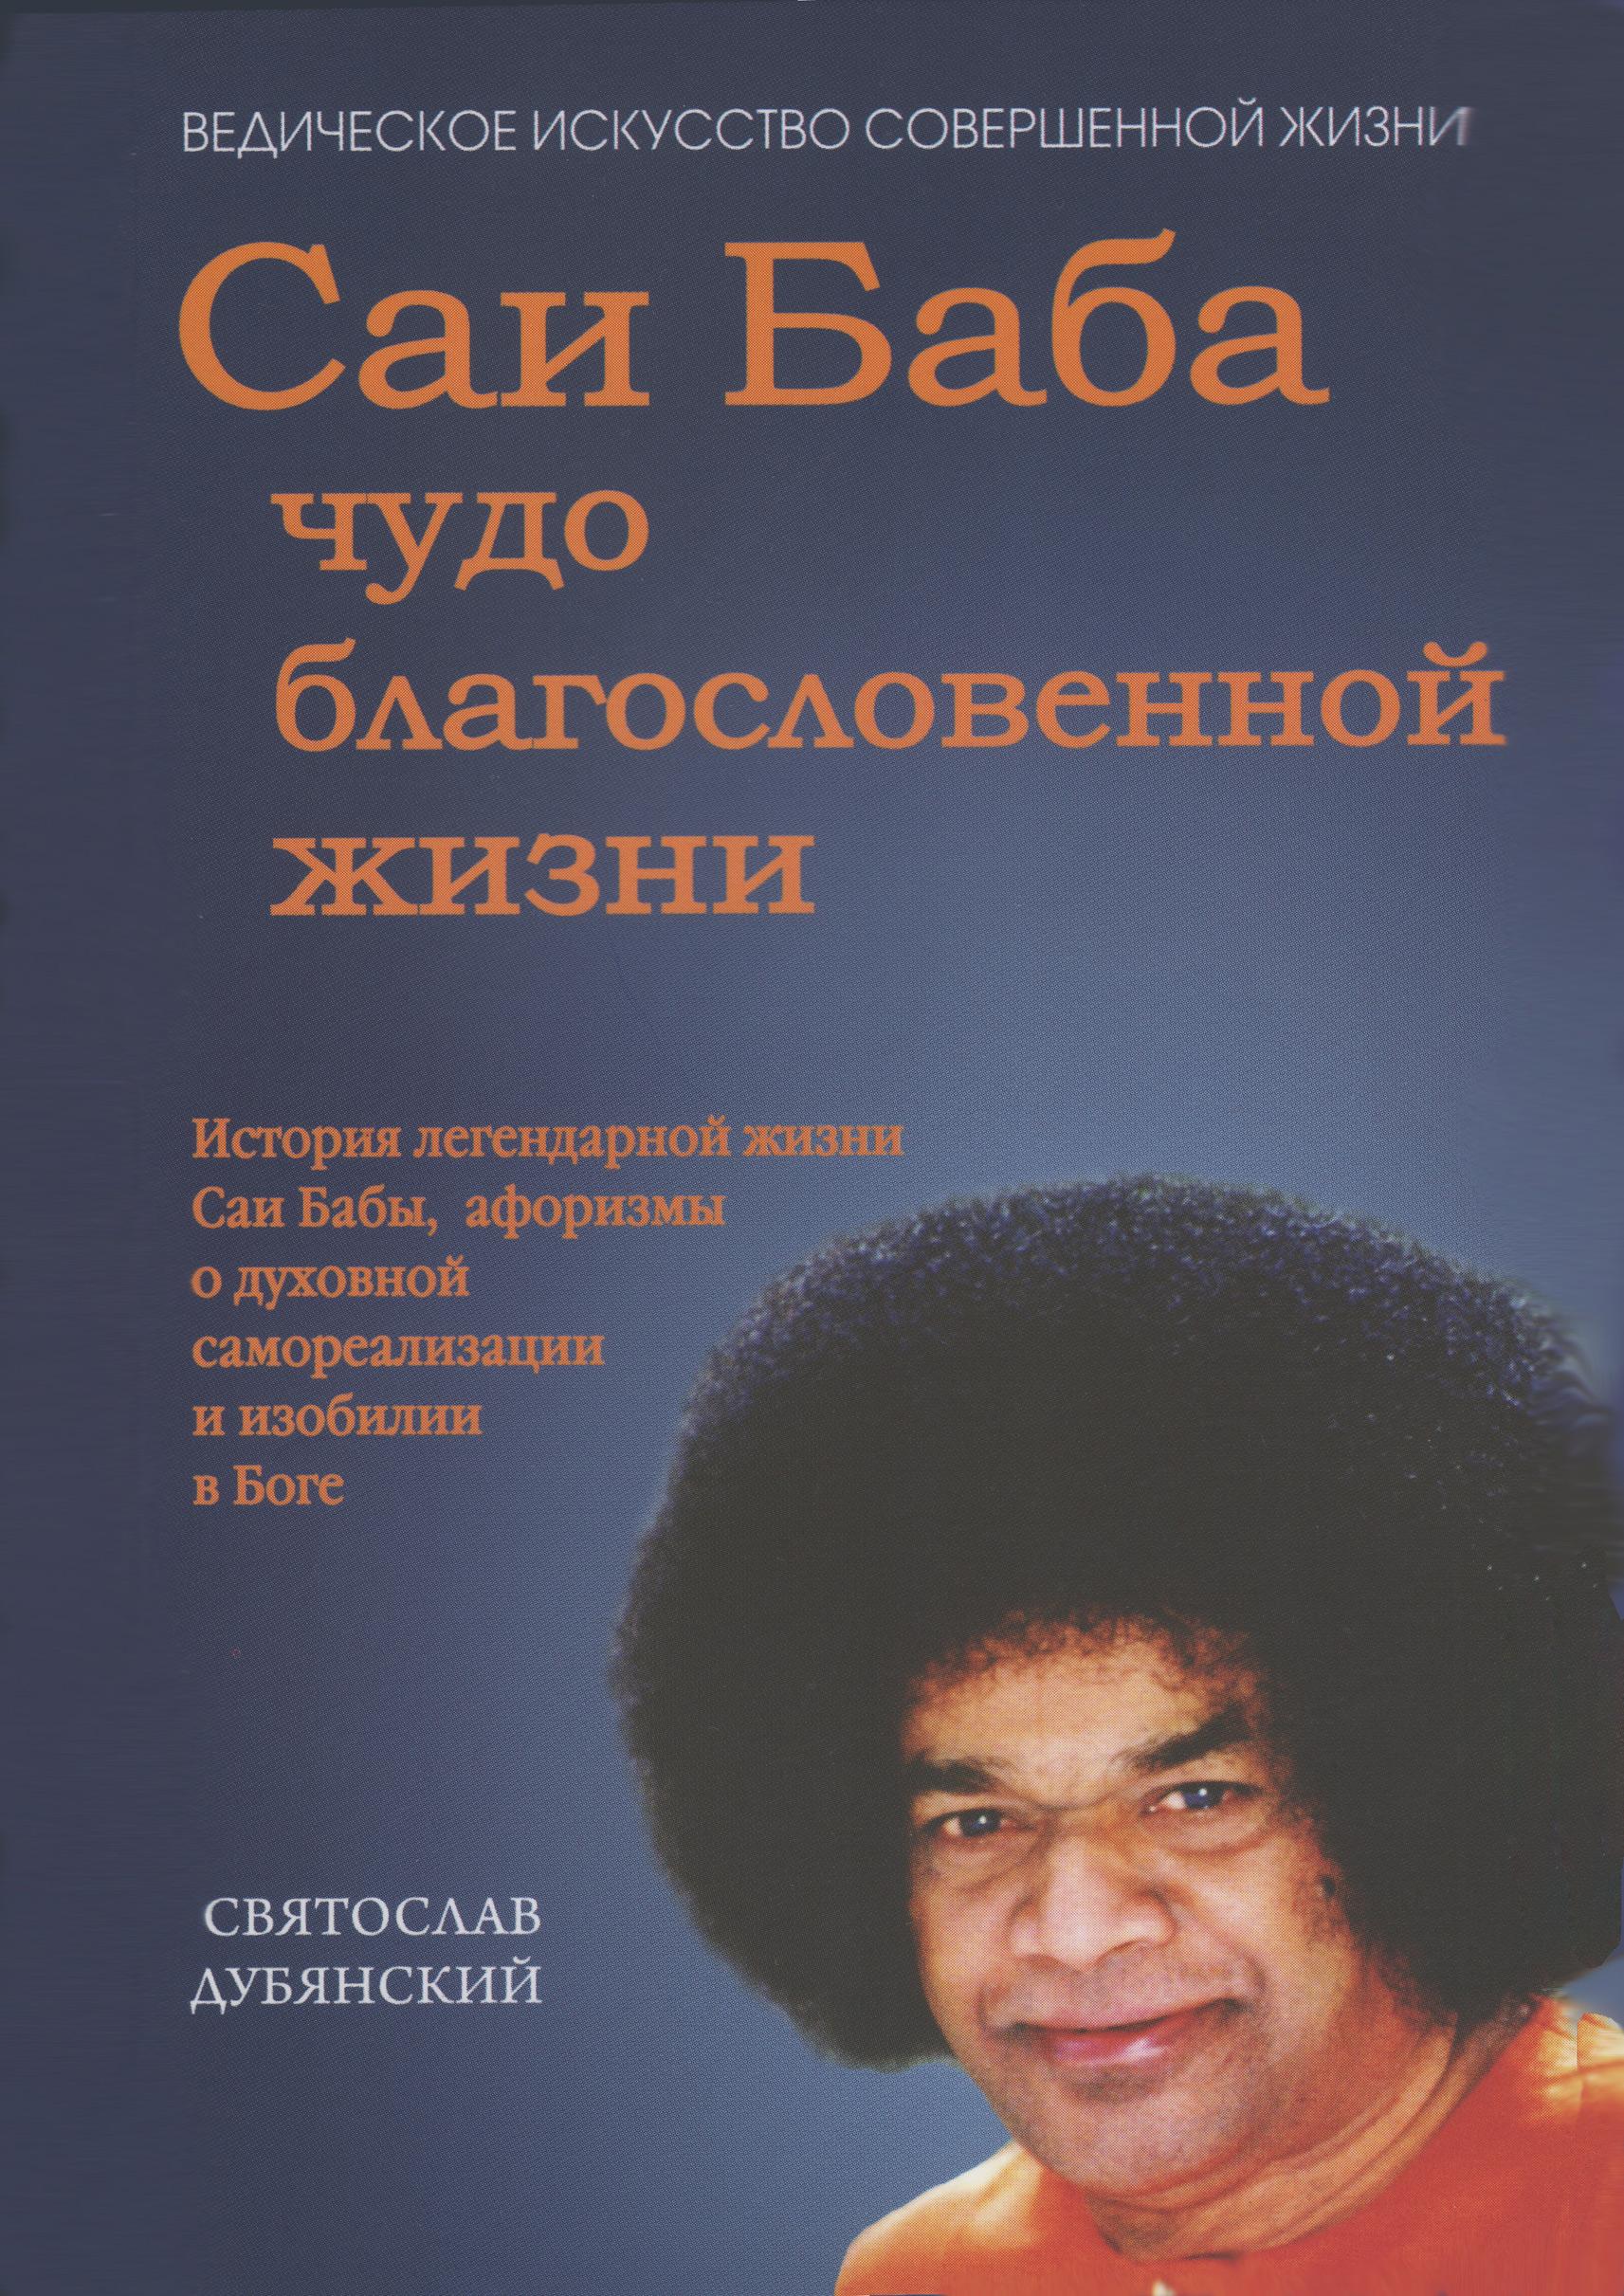 Святослав Дубянский «Саи Баба – чудо благословенной жизни»